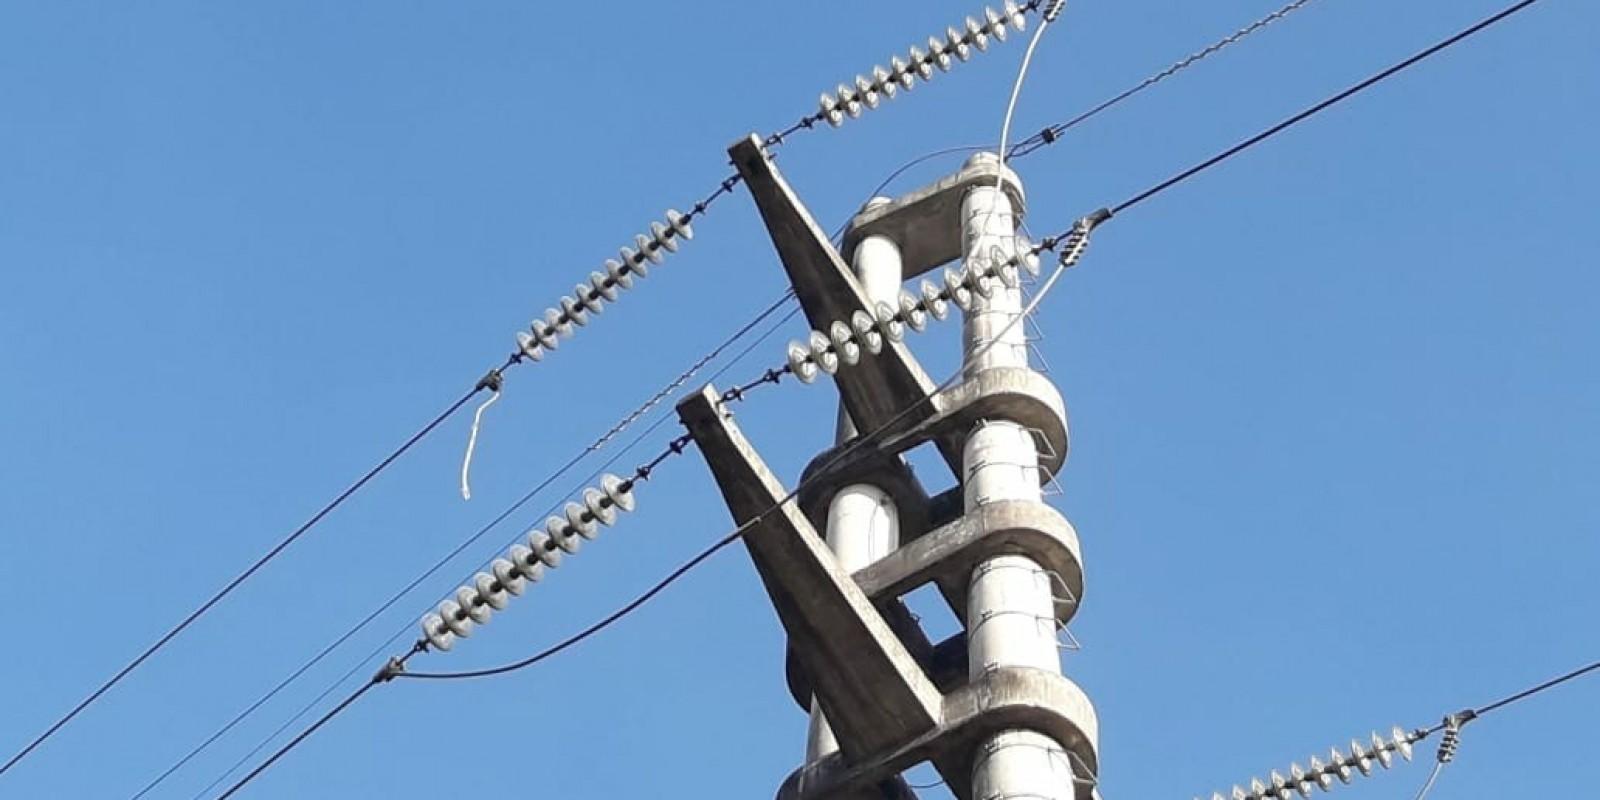 Cegero emite nota sobre interrompimento no fornecimento de energia elétrica